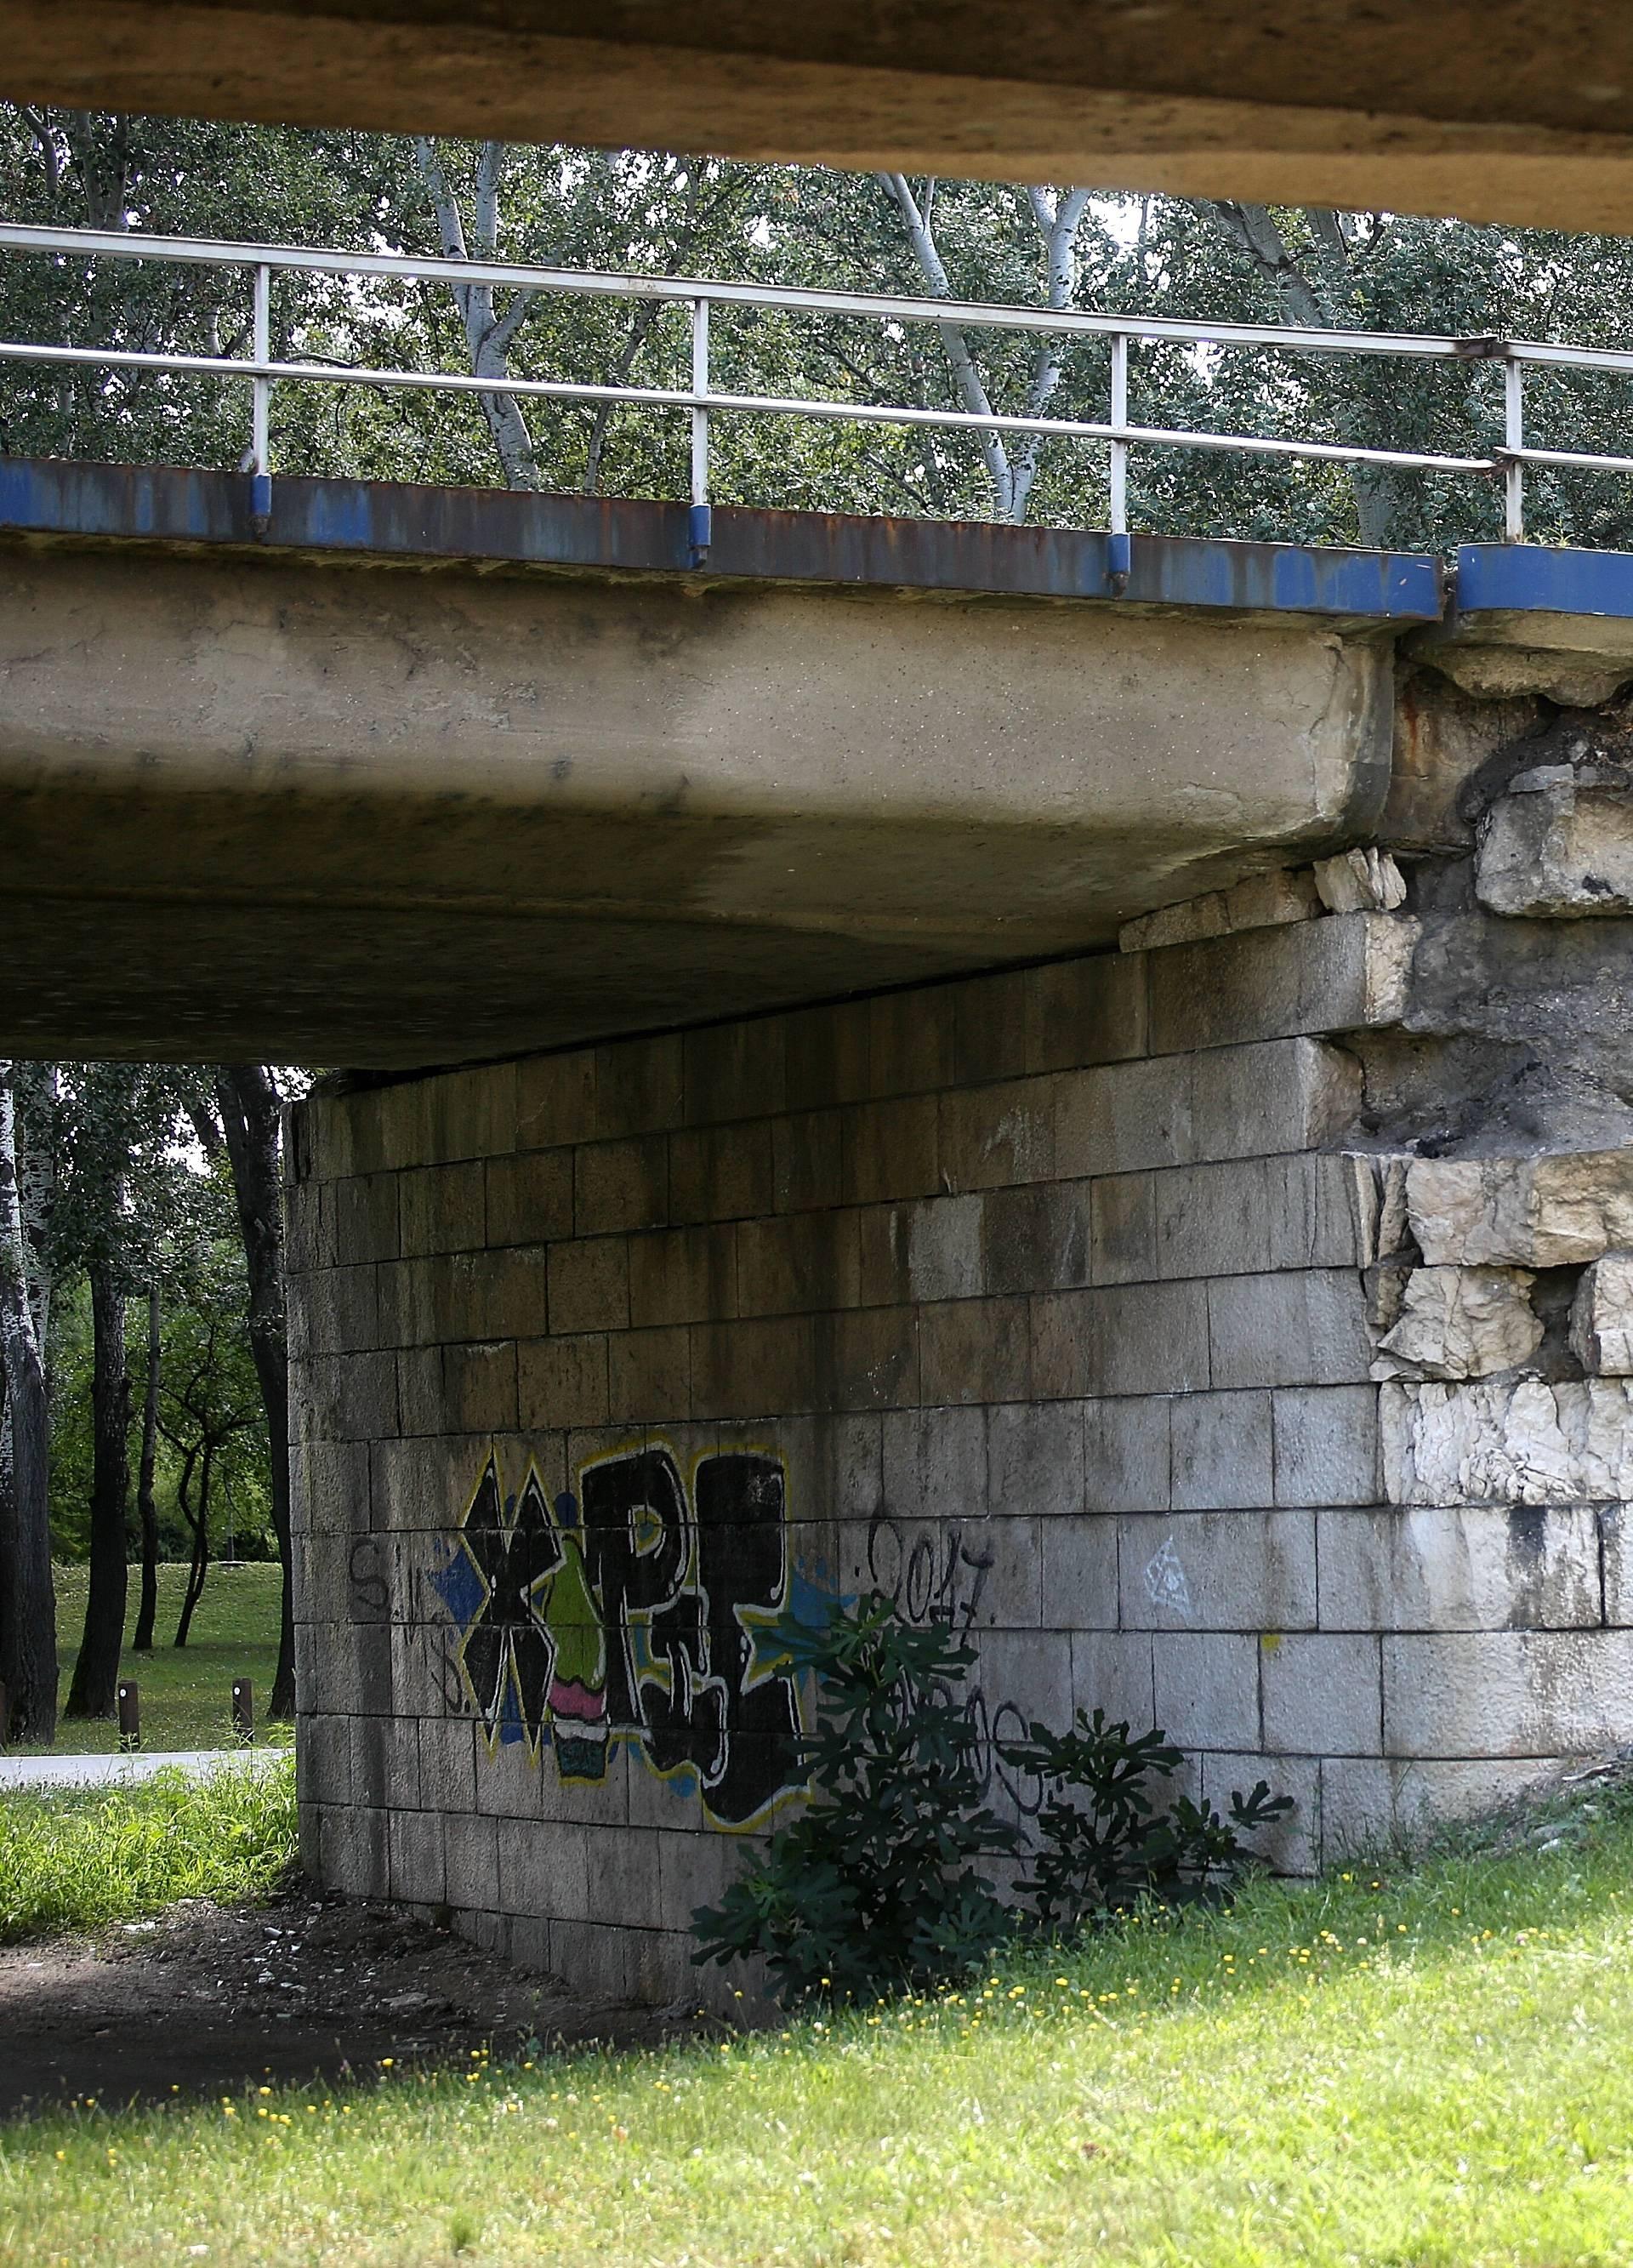 Mostovi su stari i dotrajali, a ni jedan grad nema plan obnove!